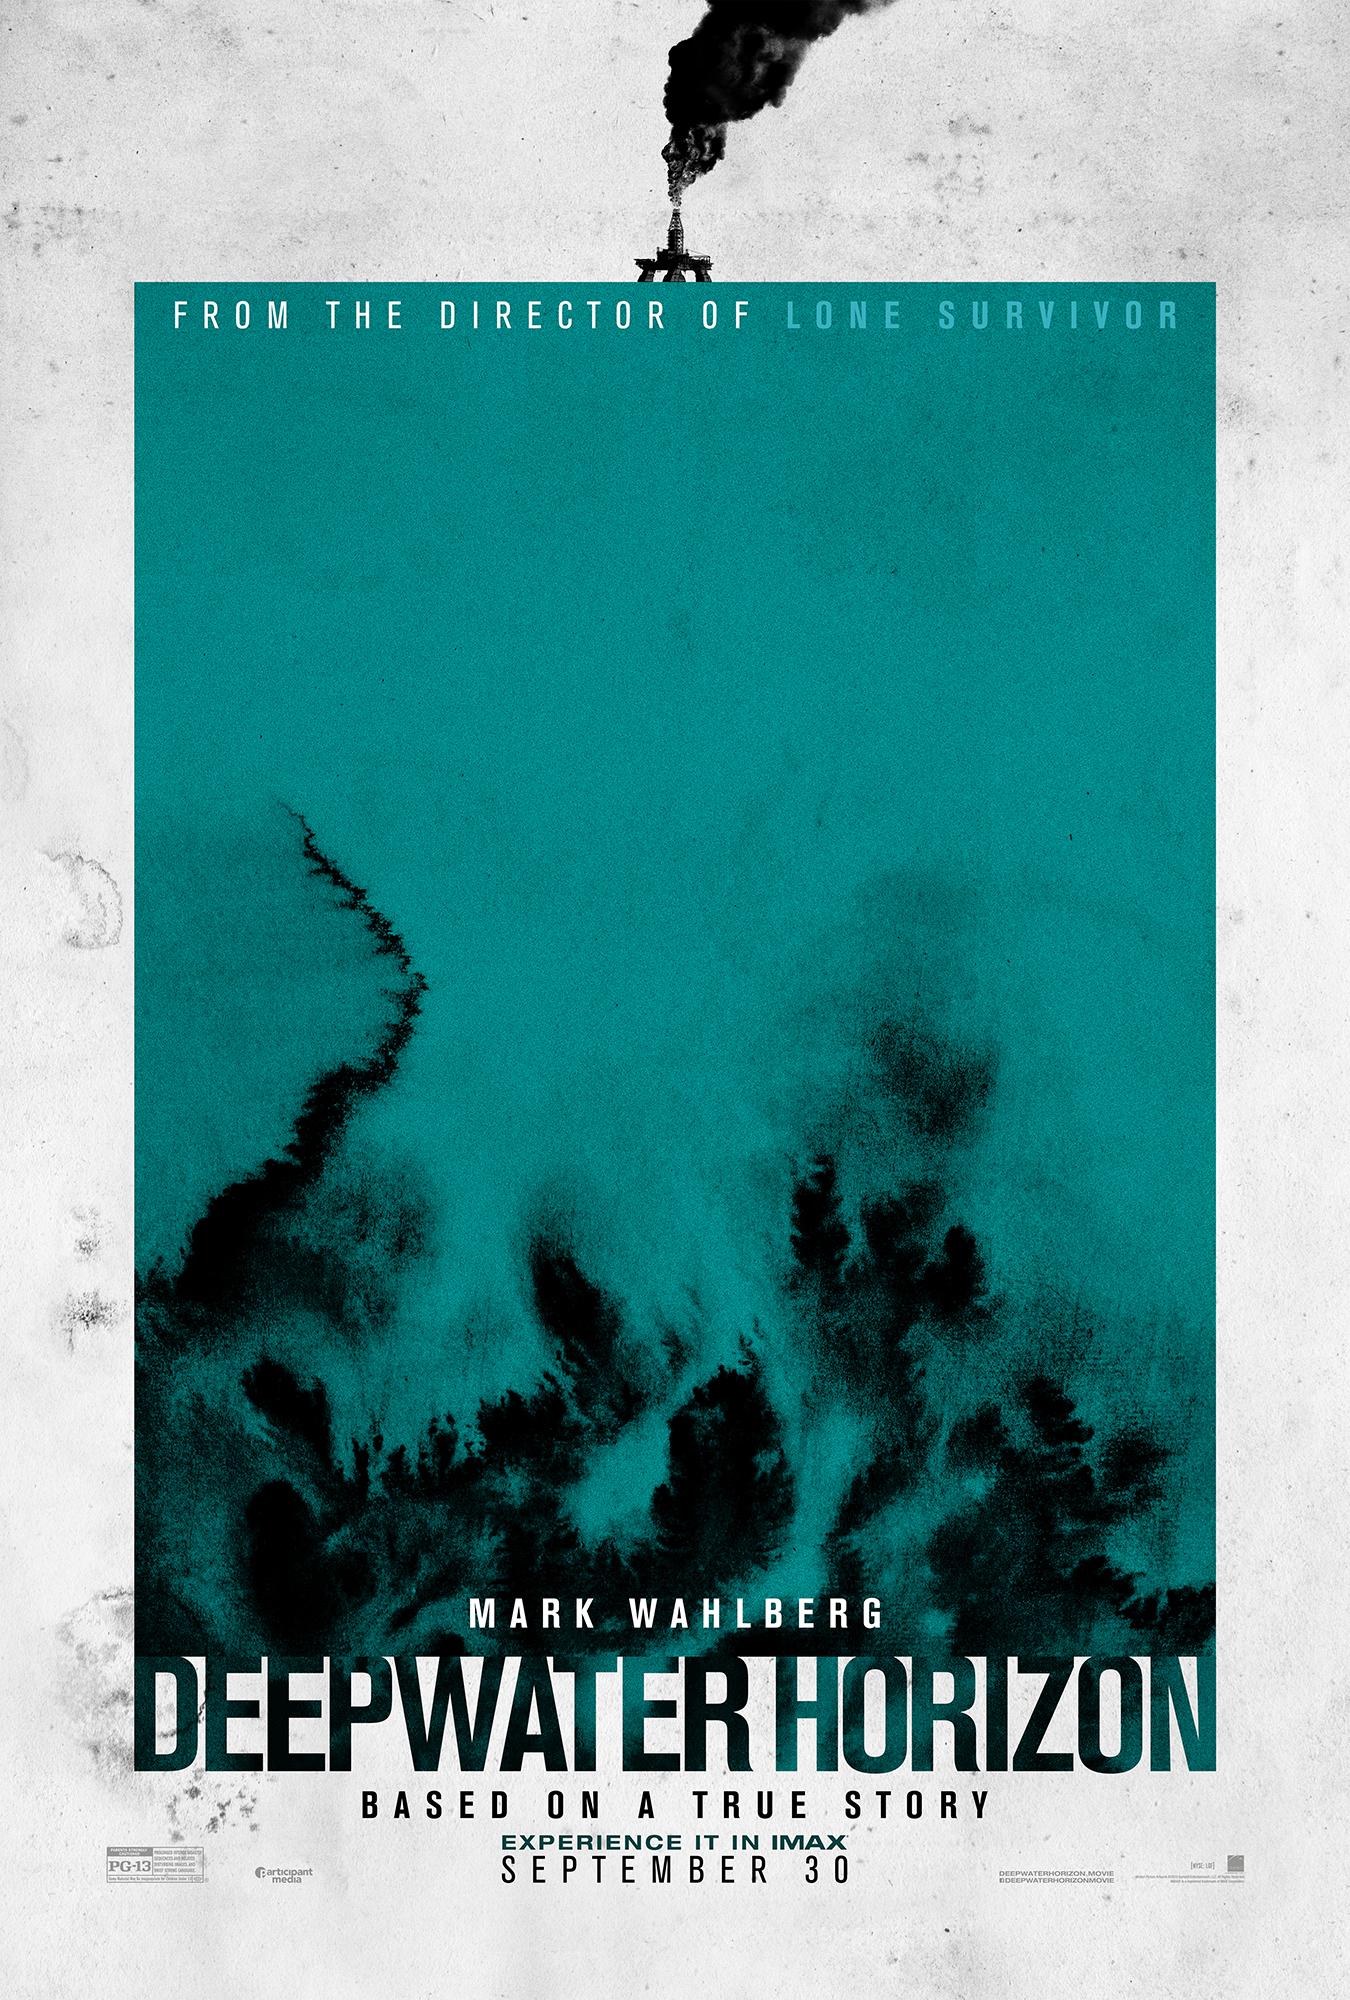 DeepwaterHorizon_1Sht_IMAX_Teal_Trim_100dpi.jpg